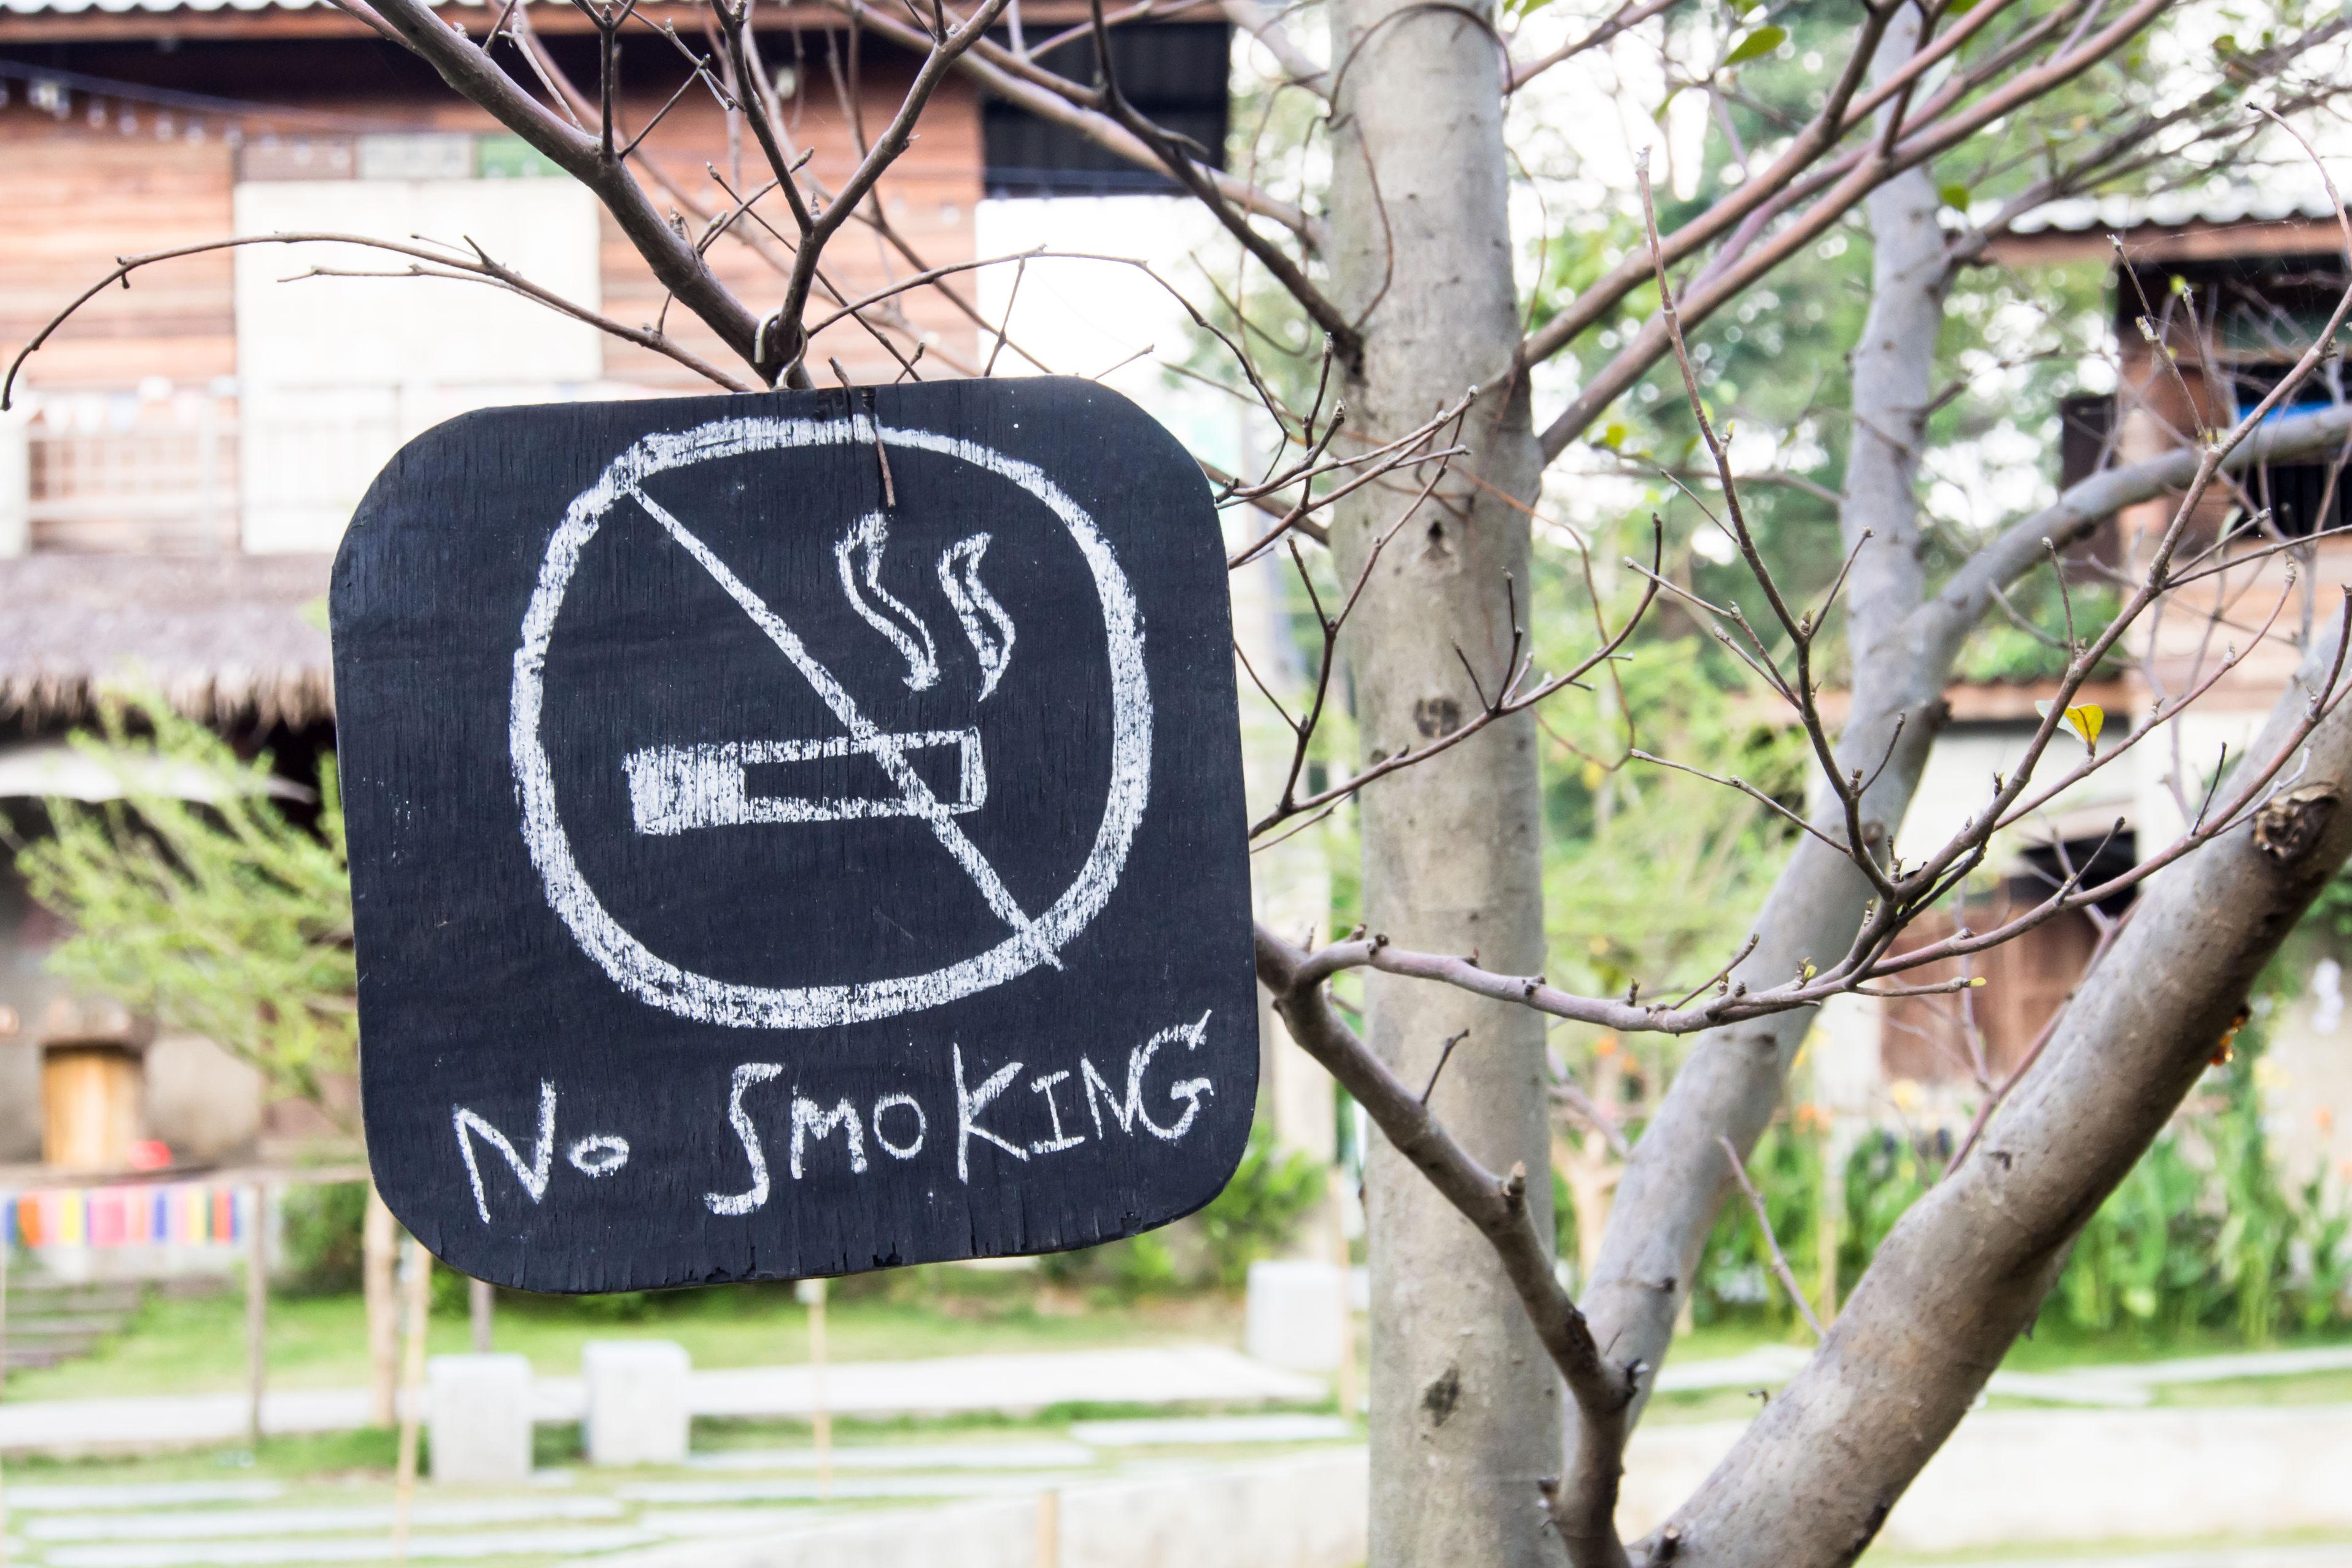 มฟล. มหาวิทยาลัยปลอดบุหรี่ thaihealth